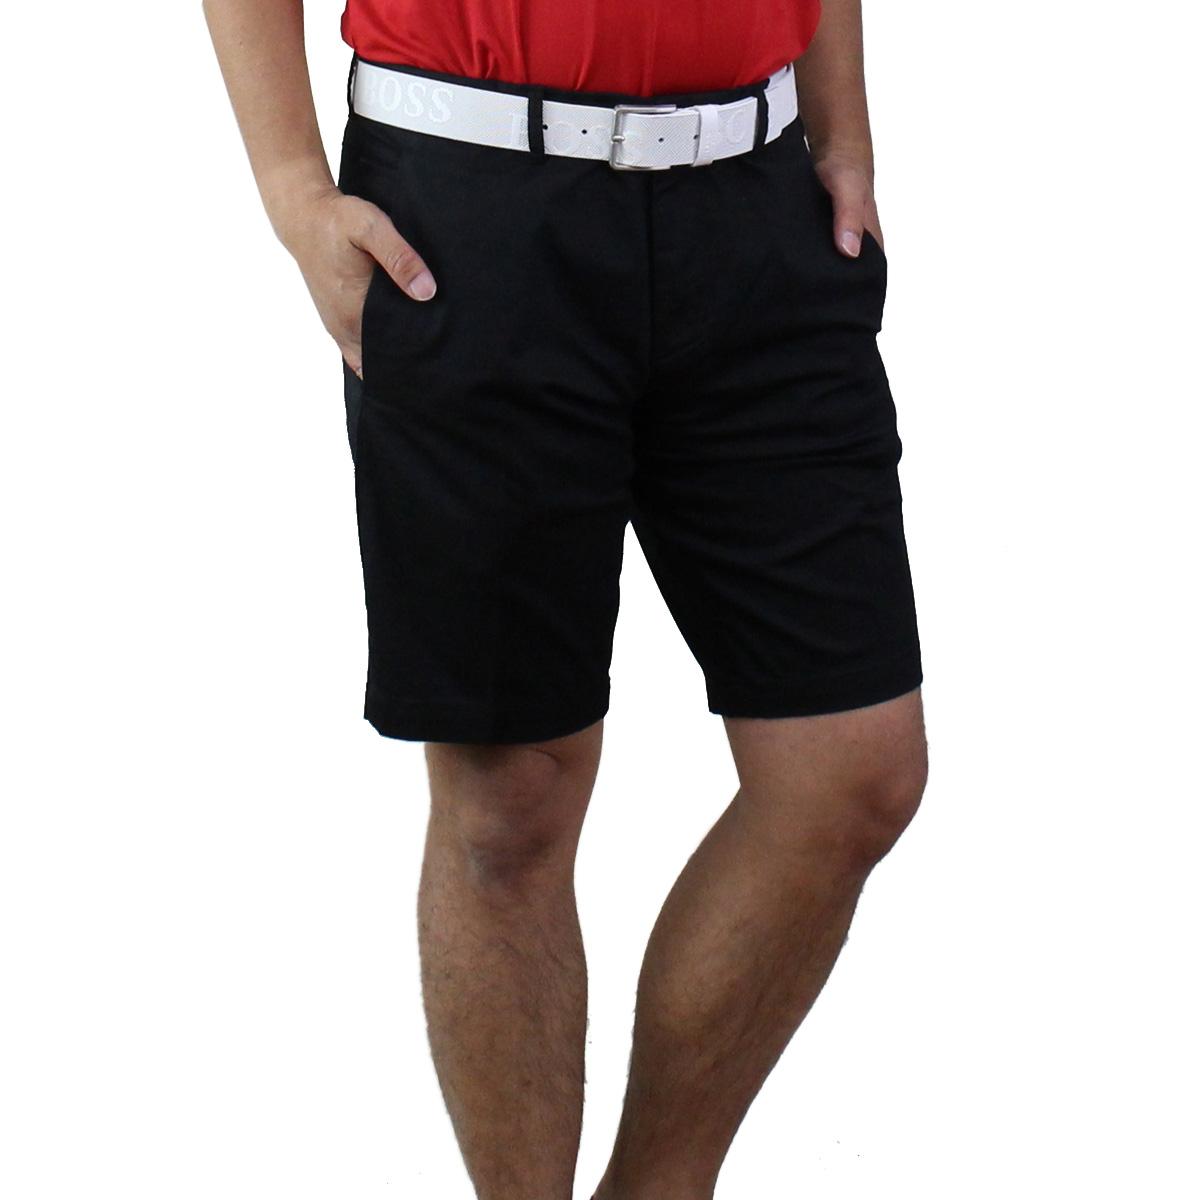 ヒューゴ ボス HUGO BOSS LIEM4 ハーフパンツ ゴルフウェア 50403126 10165966 001 ブラック メンズ【キャッシュレス 5% 還元】